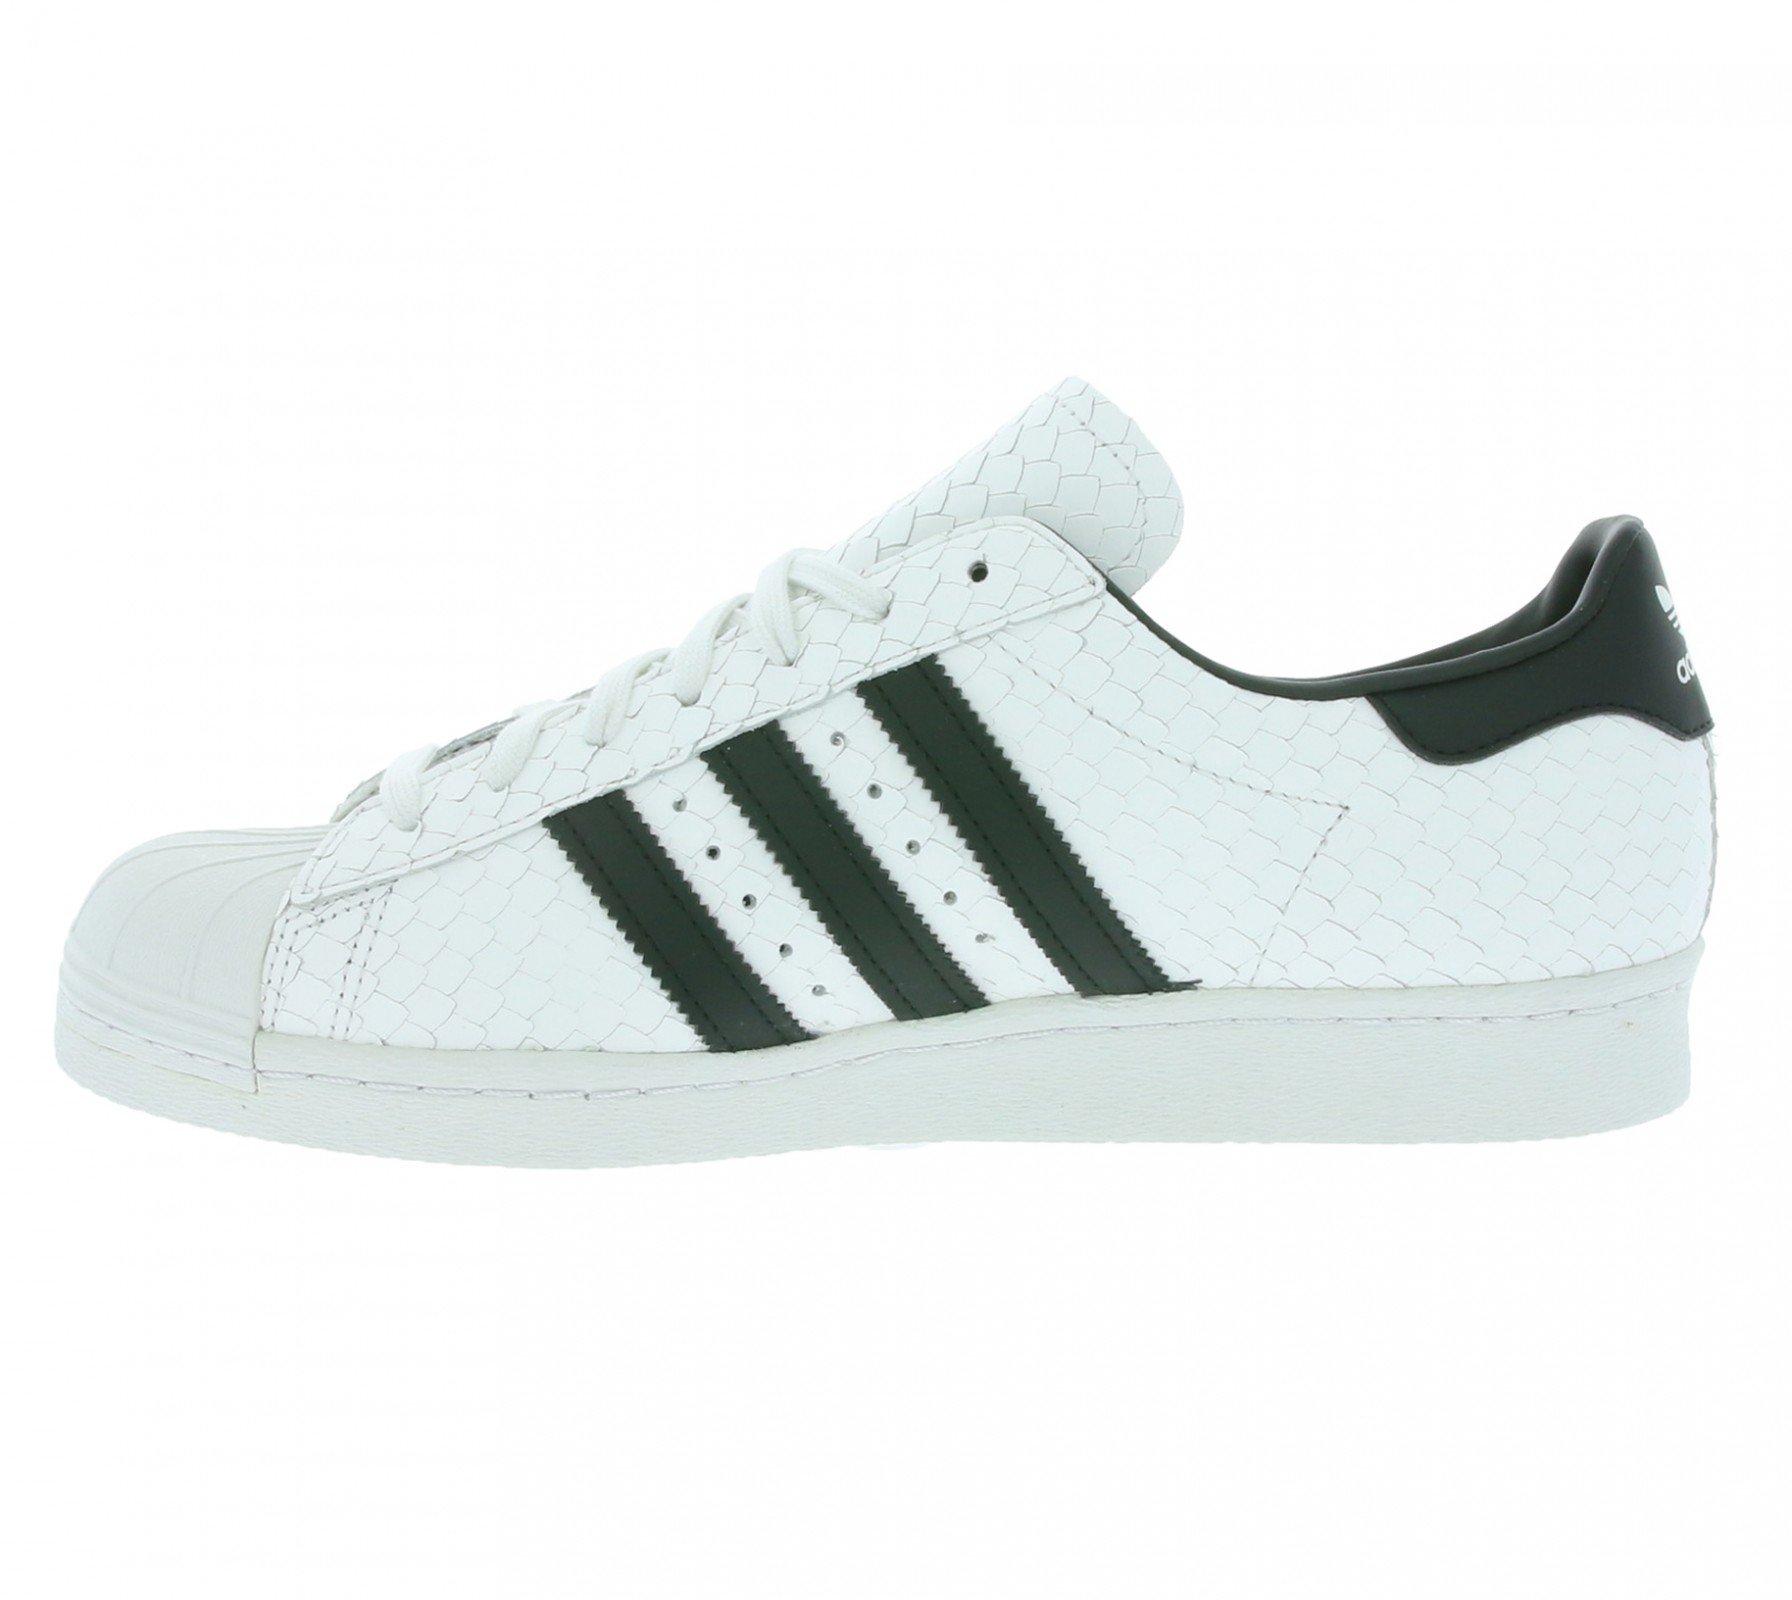 release date: aa37b d7eab ... Scarpe Da Ginnastica Adidas Originali Superstar Anni 80 Uomo Sneaker  Sneakers Bianche S75836, ...